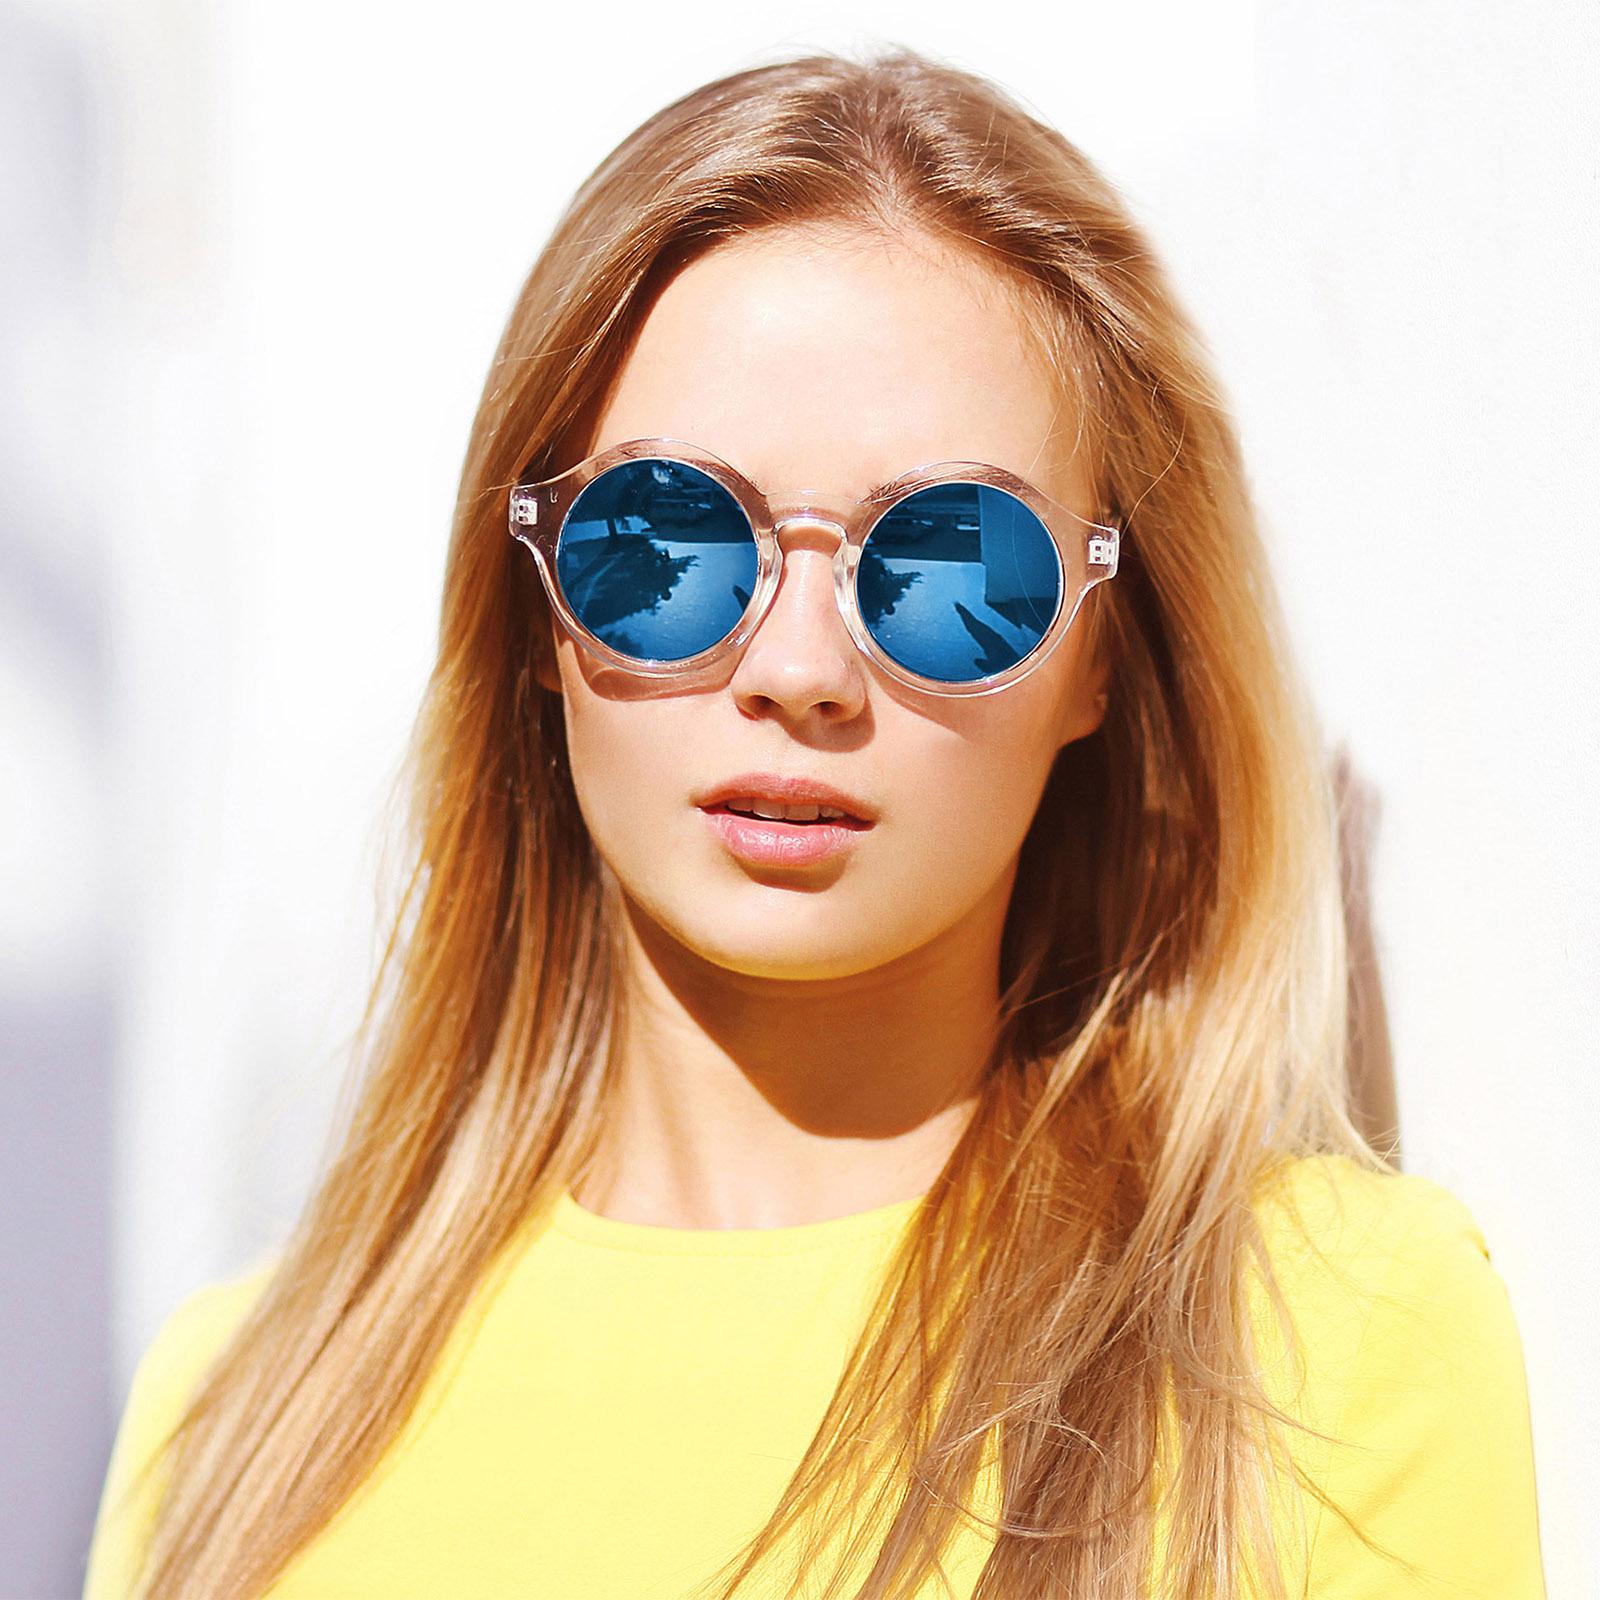 Rothaarige Frau mit Sonnenbrille und gelbem Shirt